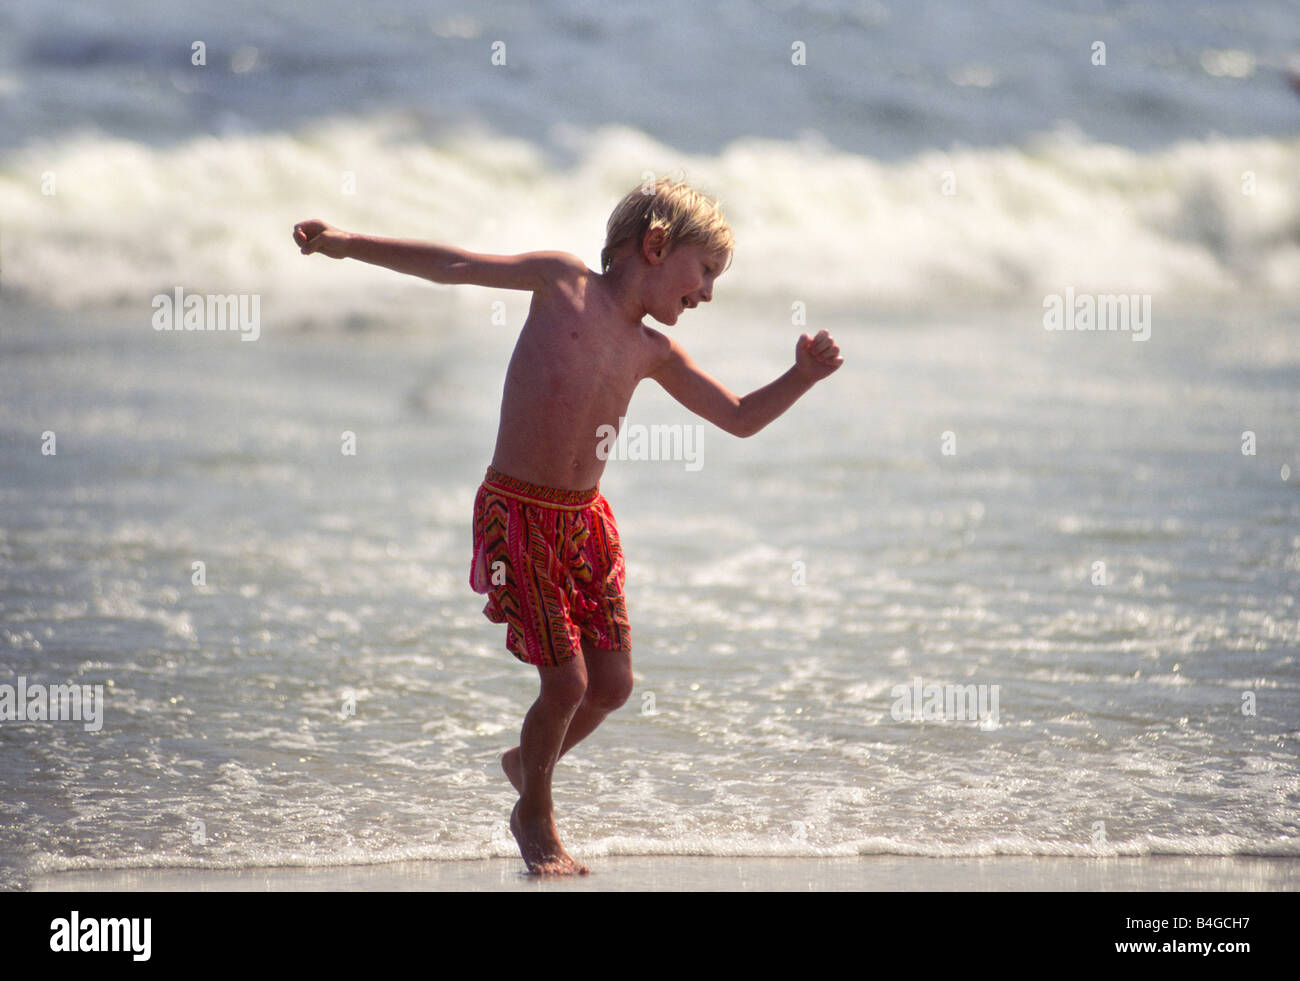 kleiner Junge tanzt um ankommendes Wasser am Ufer zu vermeiden Stockbild